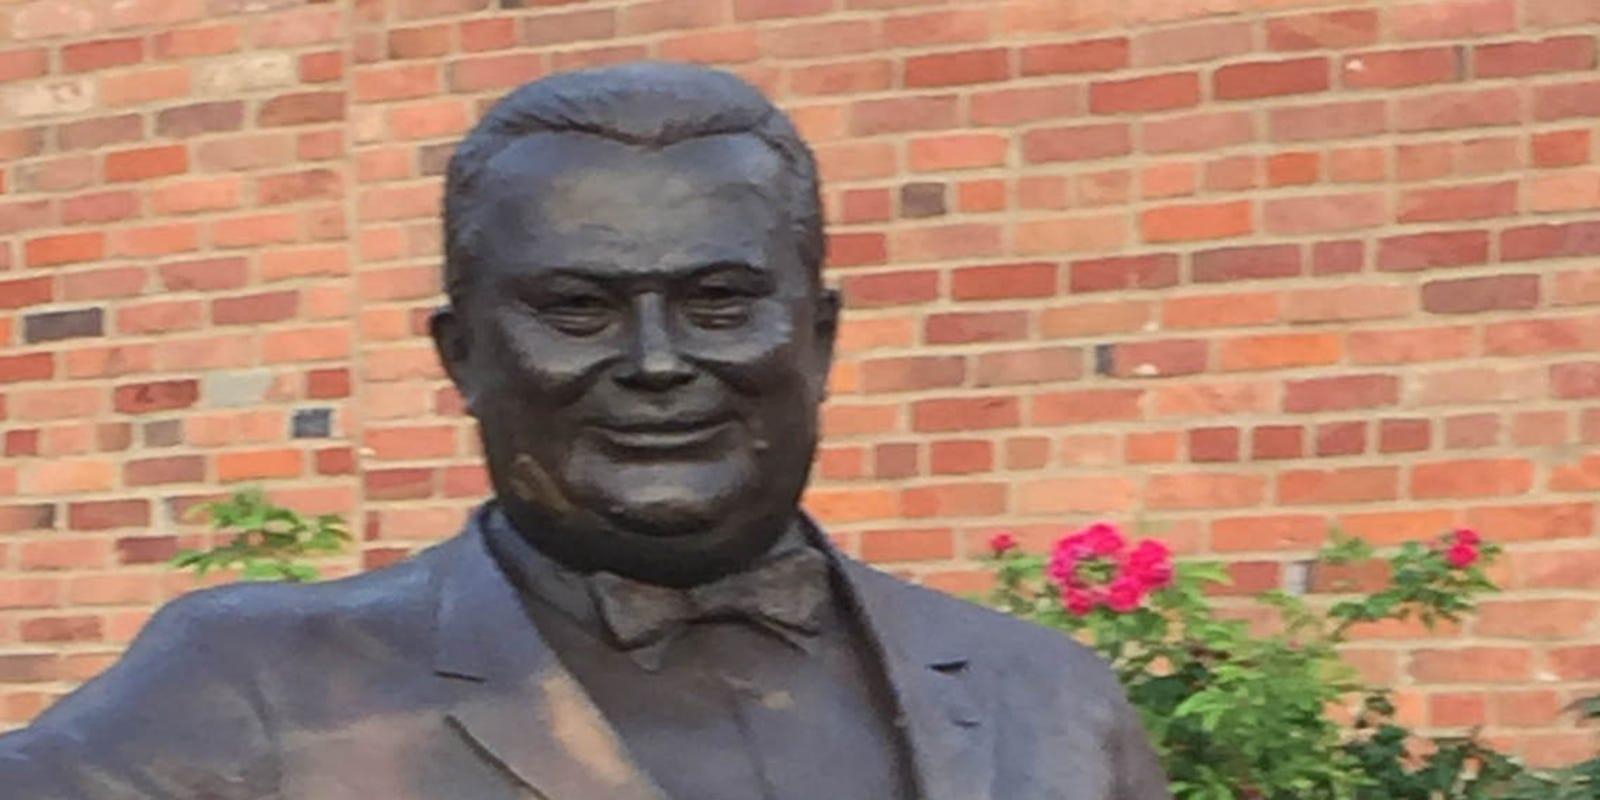 Statue of former Dearborn Mayor Orville Hubbard taken down